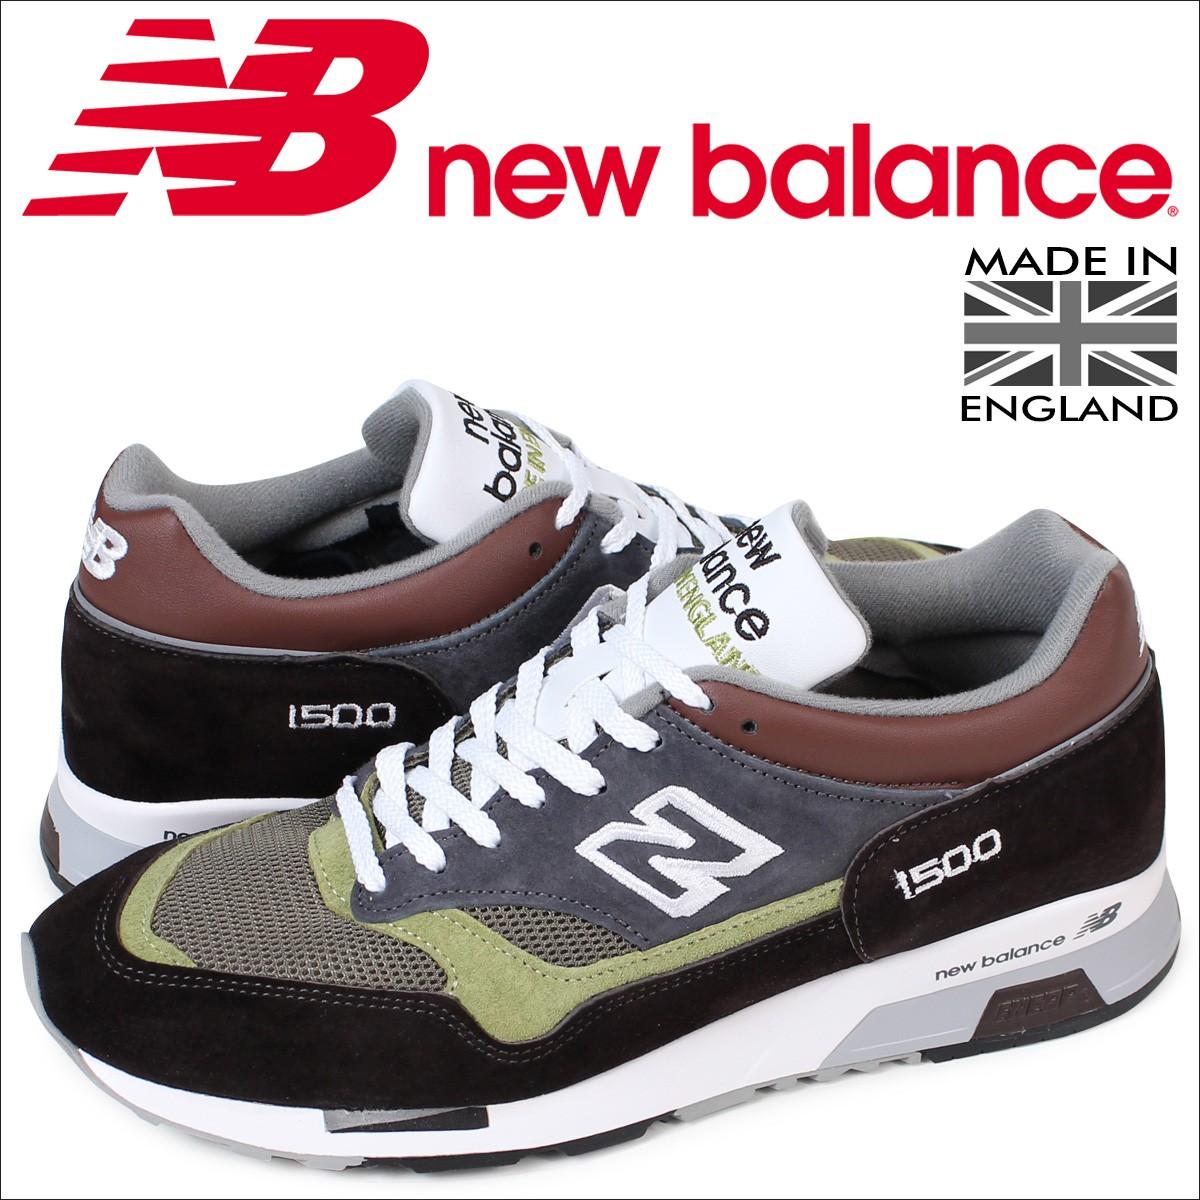 ニューバランス 1500 メンズ new balance スニーカー M1500BGG Dワイズ MADE IN UK 靴 ブラウン [12/6 新入荷]